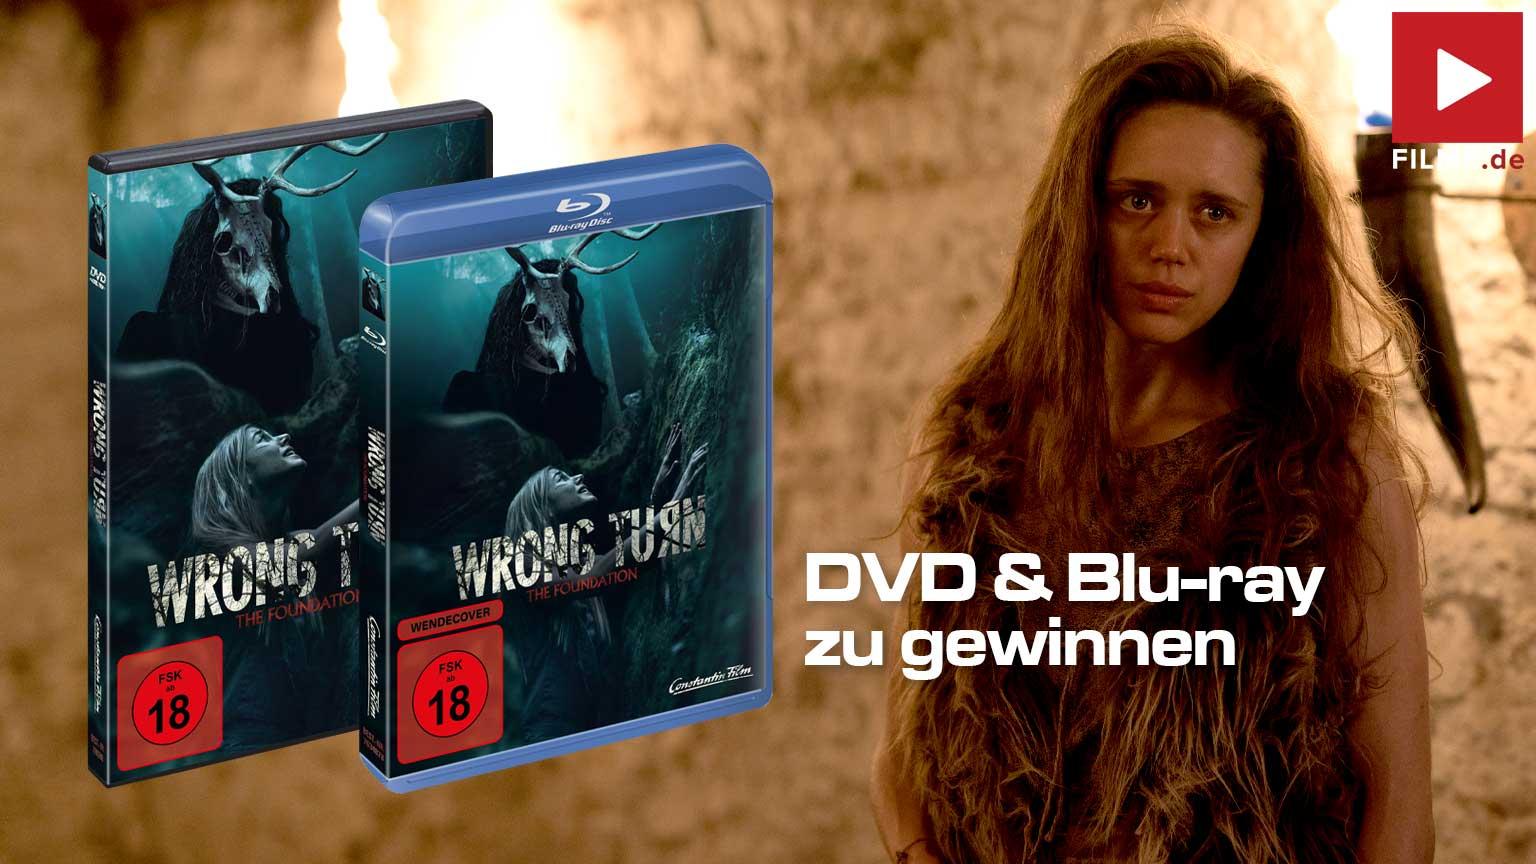 Wrong Turn - The Foundation Film 2021 Gewinnspiel gewinnen Blu-ray DVD Artikelbild